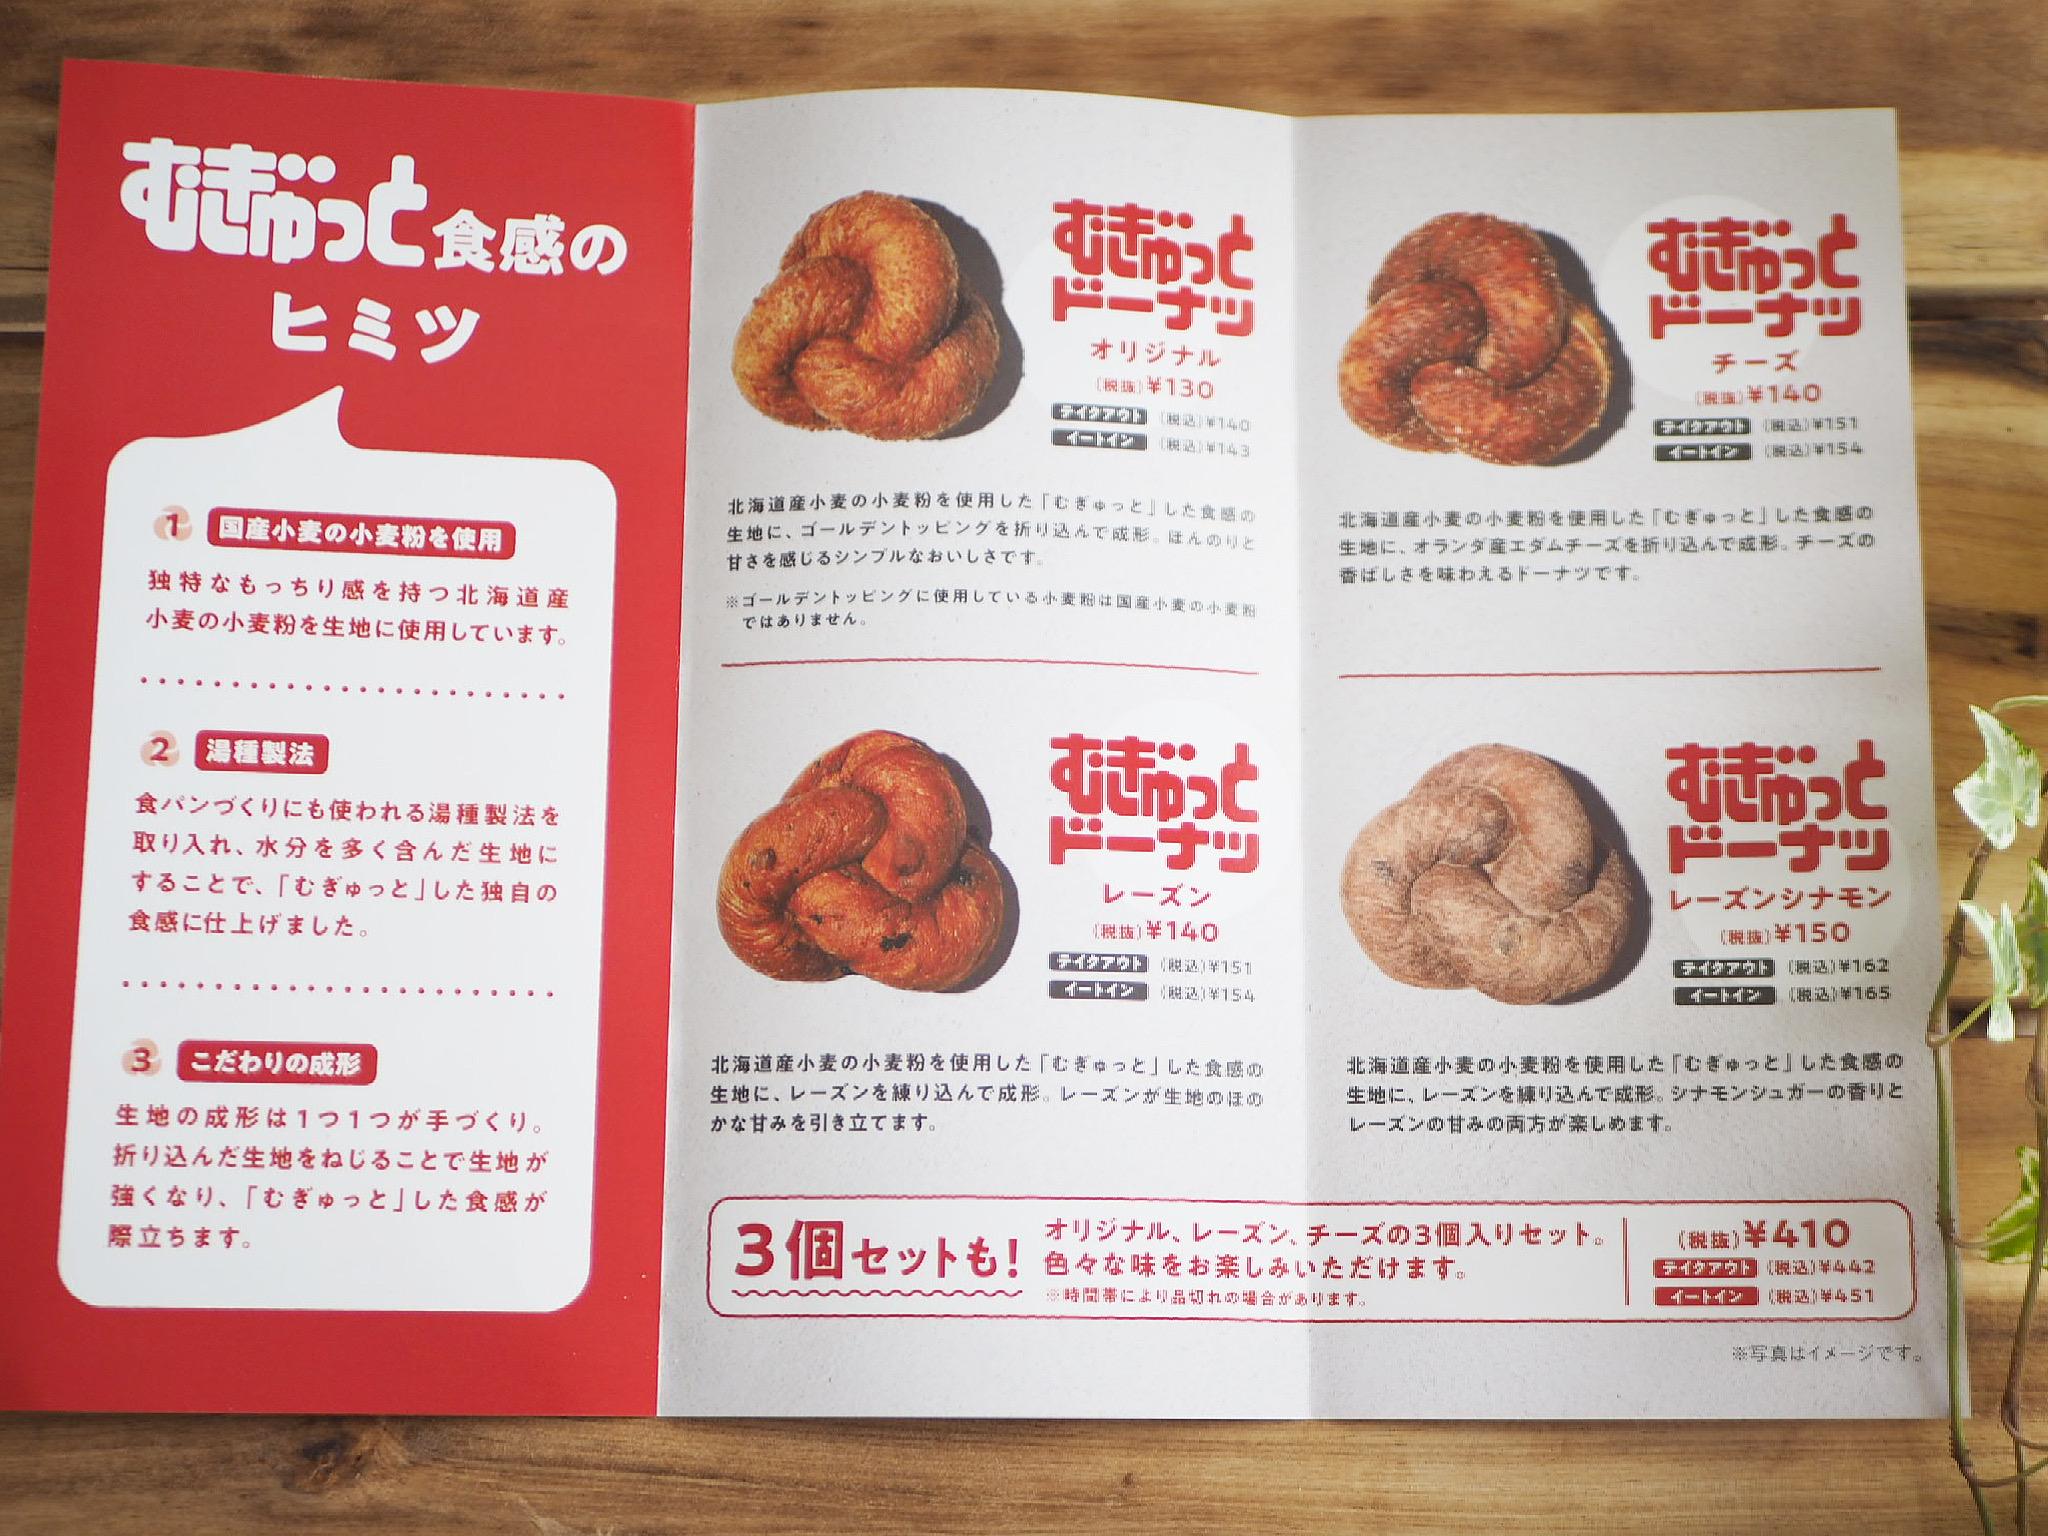 【ミスド新作】6/11発売!新食感の「むぎゅっとドーナツ」をレポ♡_5